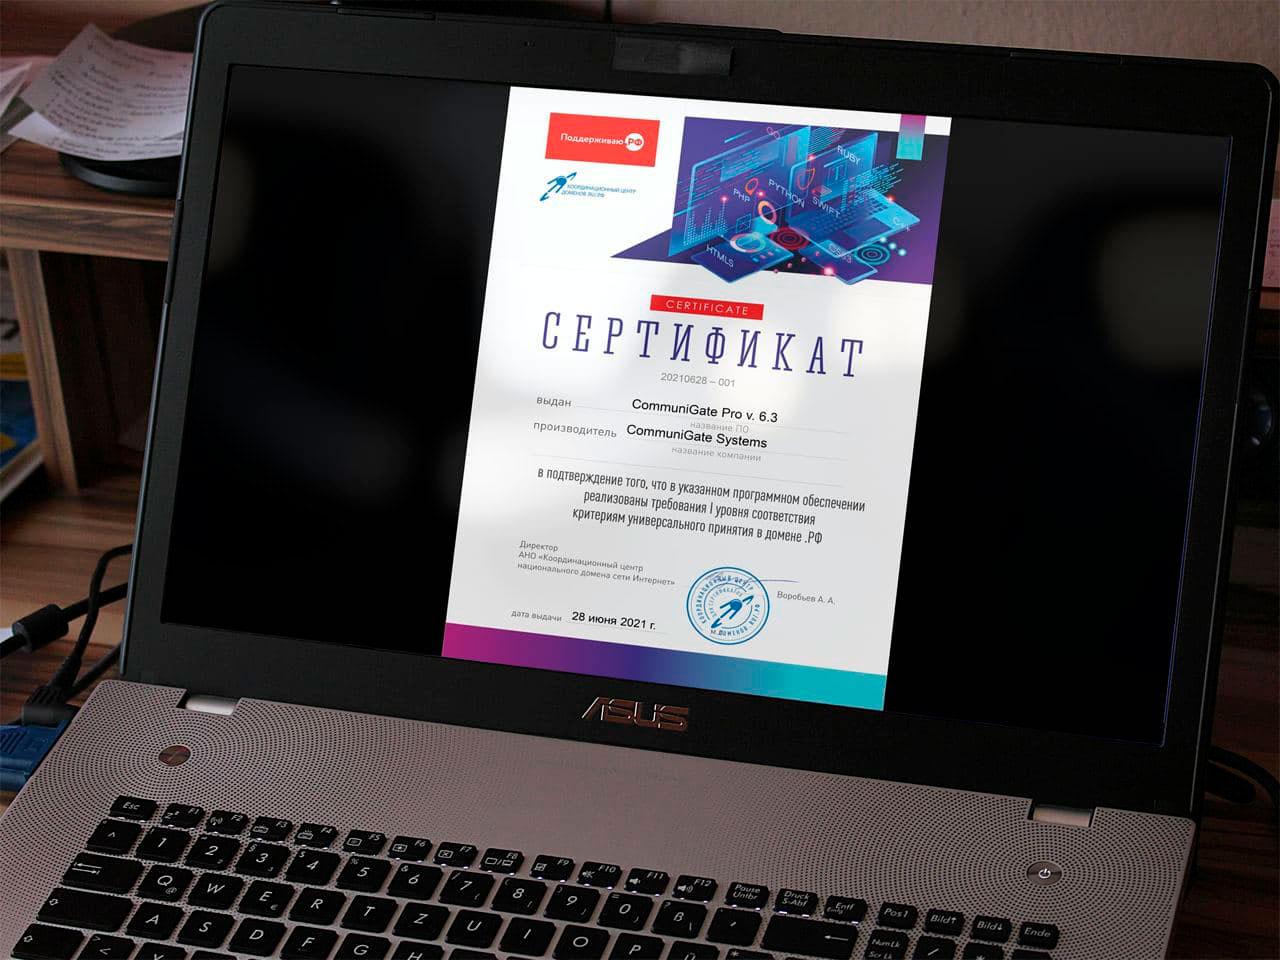 Первый российский программный продукт получил подтверждение соответствия критериям универсального принятия в домене .рф